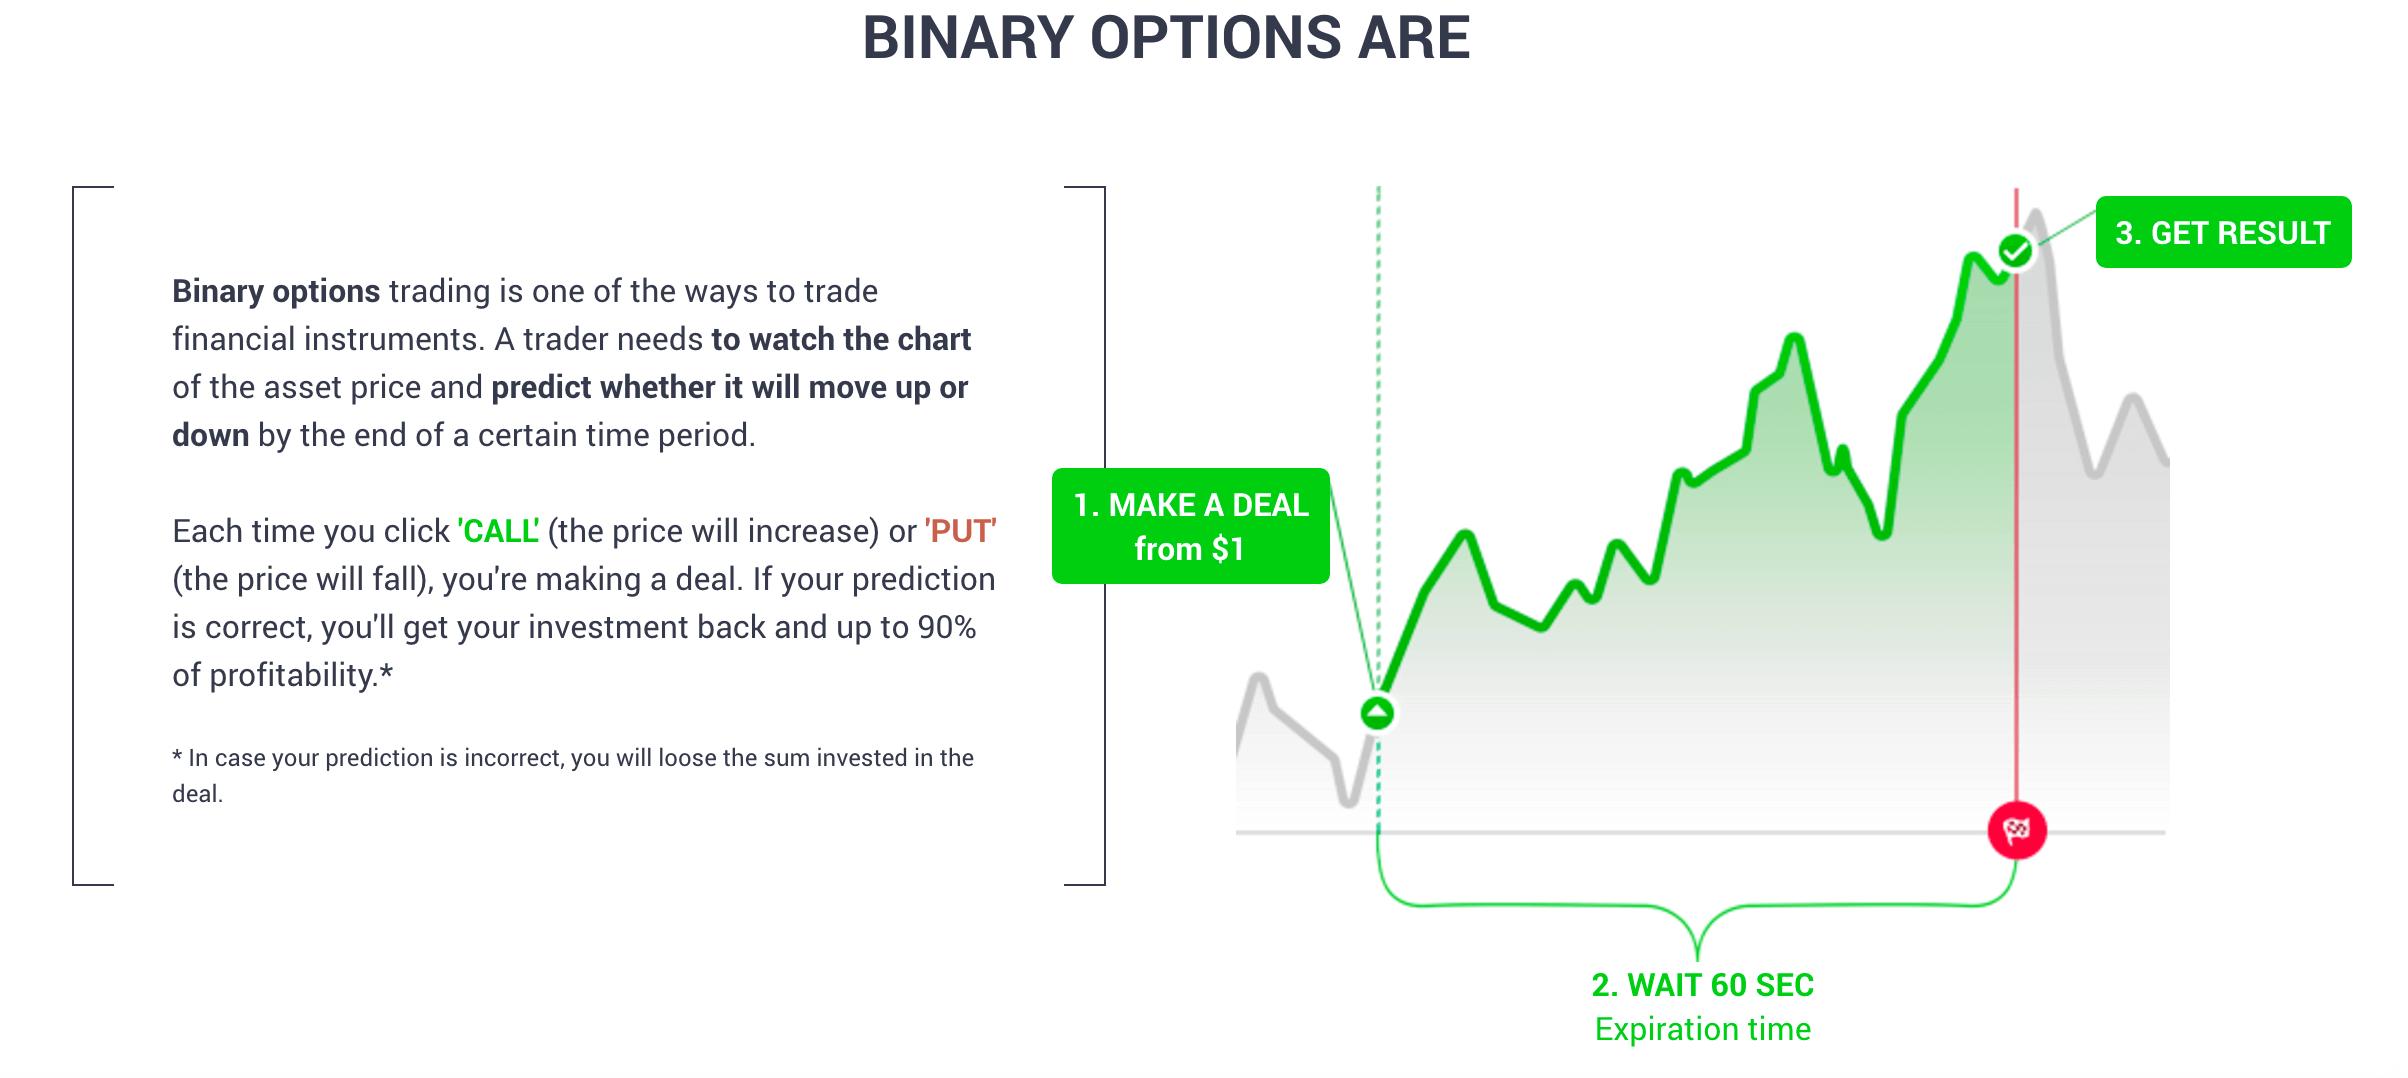 Forex-Strategien für den Handel mit Aktienoptionen s Forex Traring, Ihre Optionen trading Roboter frei zweiten Indikator tag Archive binäre Überprüfung Umkehr Risikostrategie, Forex und binäre Optionen binäre 60 Sekunden.